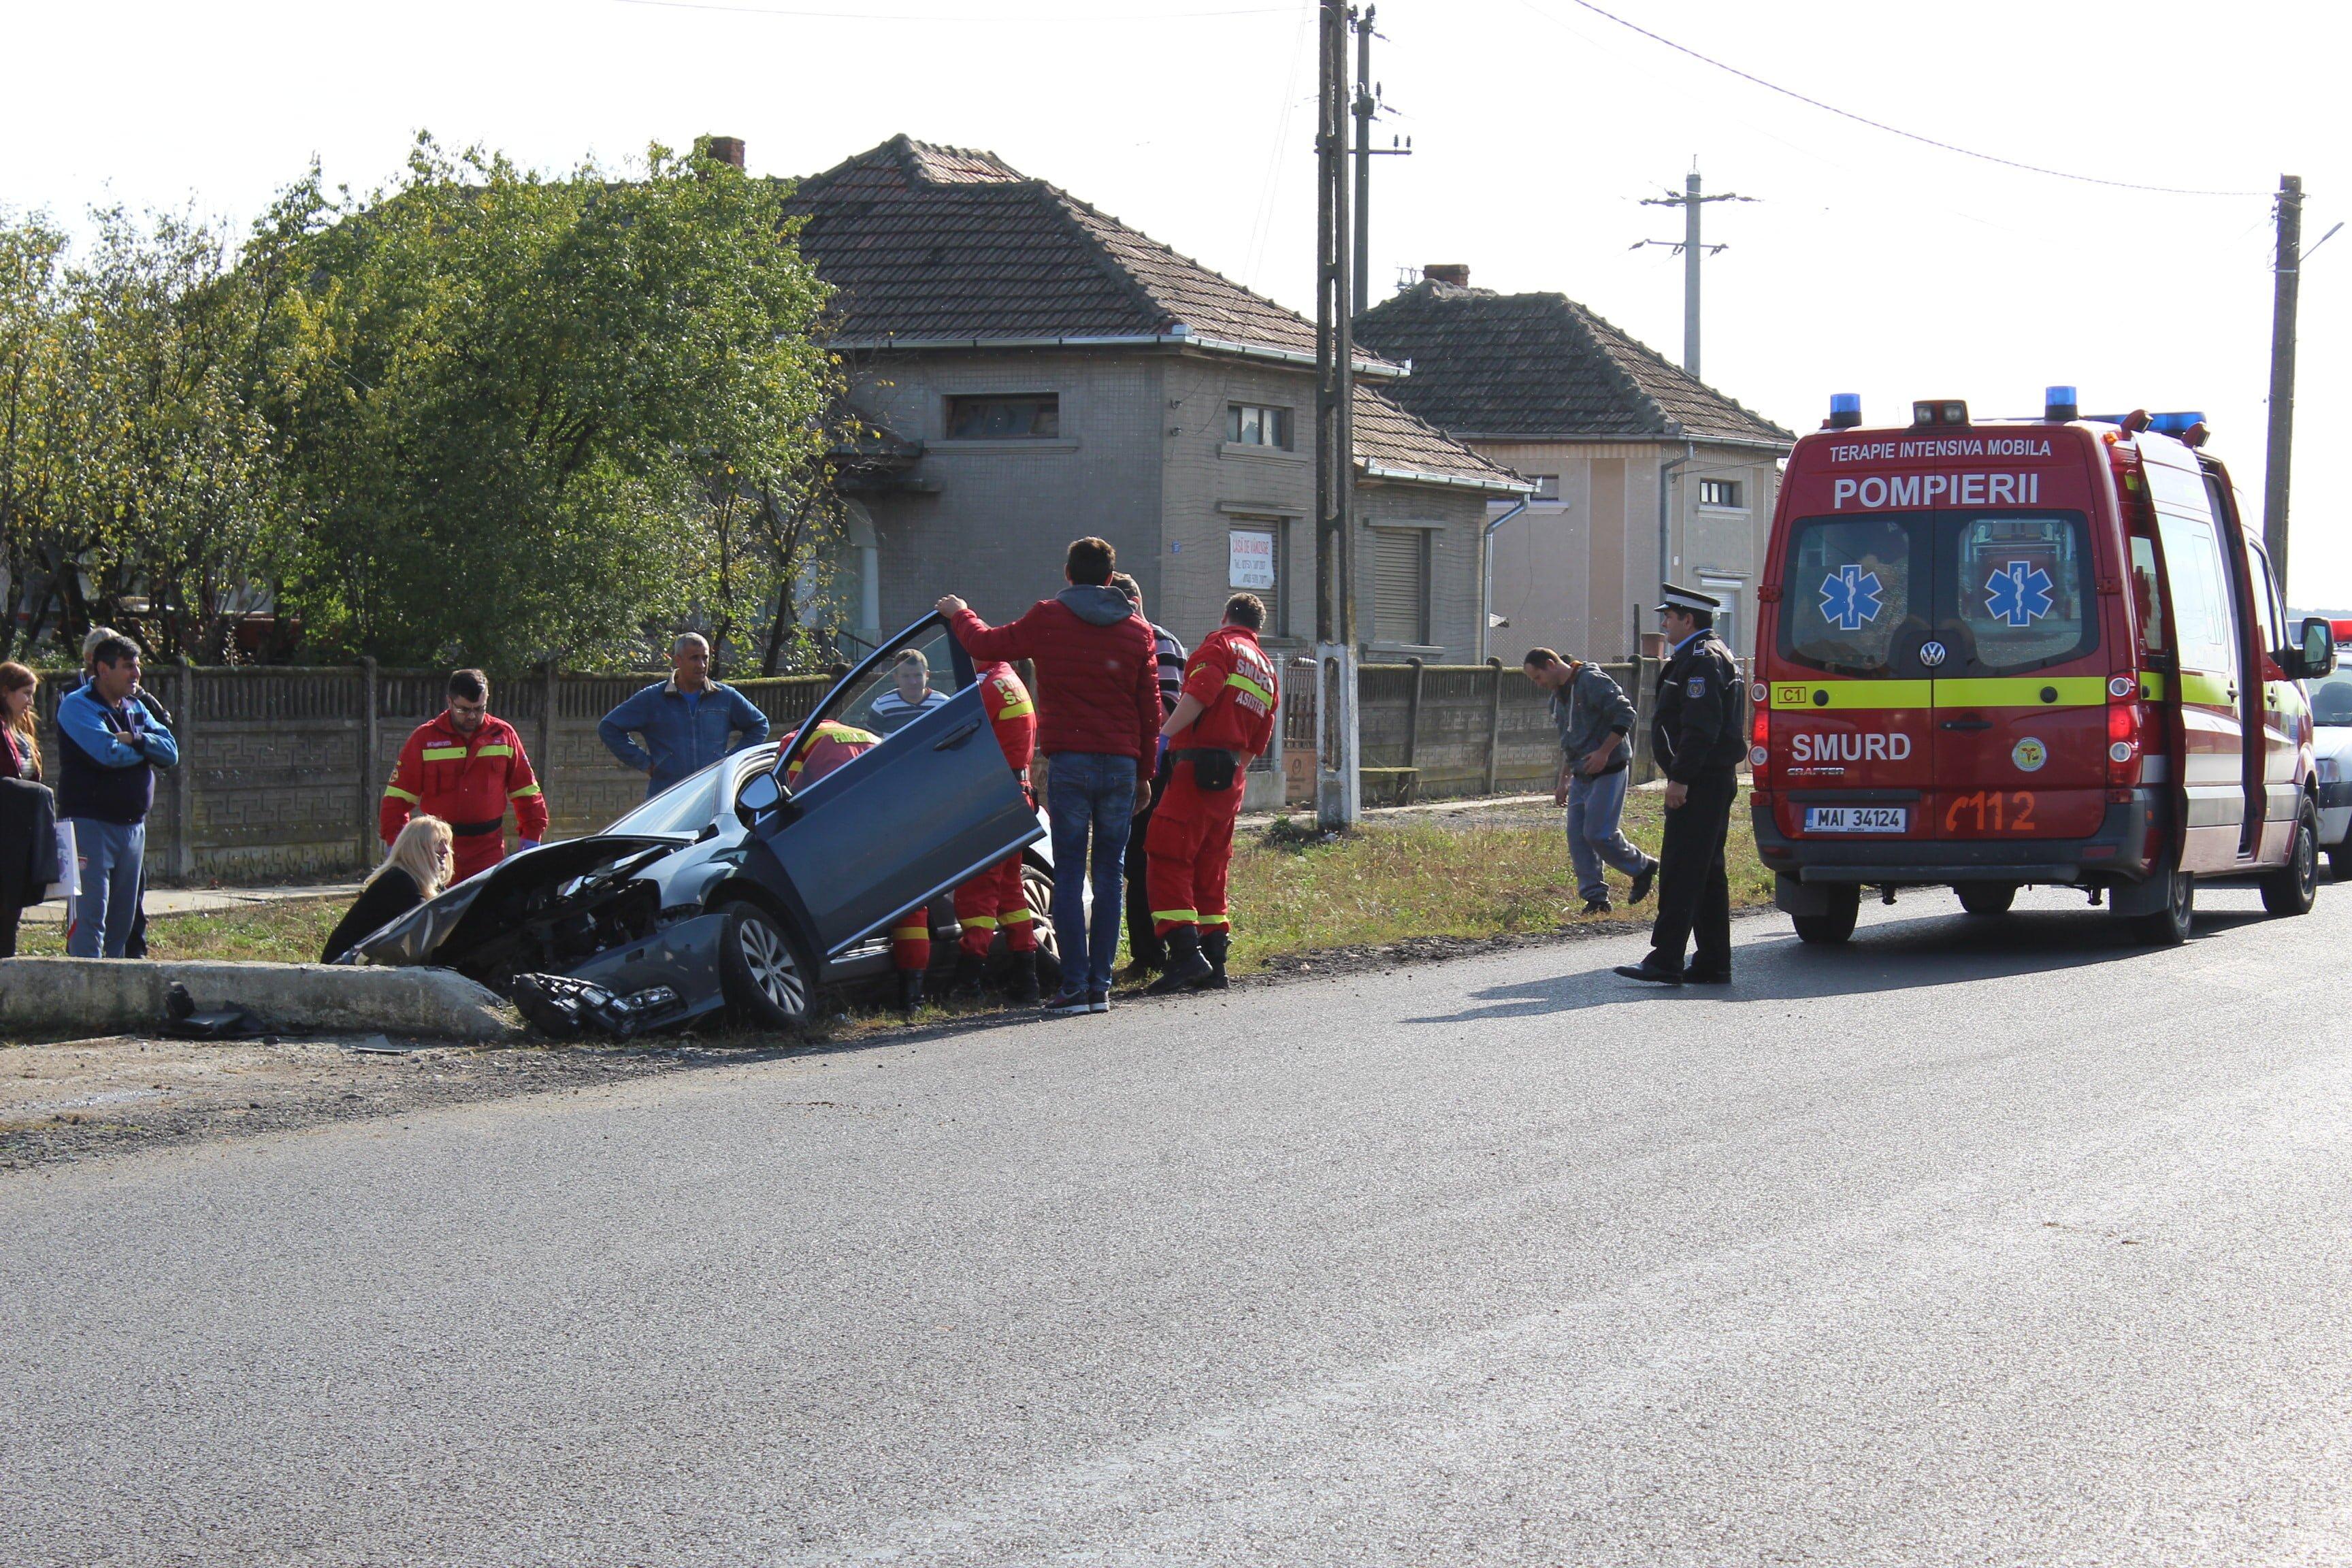 Accident brutal între Ardud și Mădăras. Două persoane au fost urcate în SMURD și transportate la urgențe